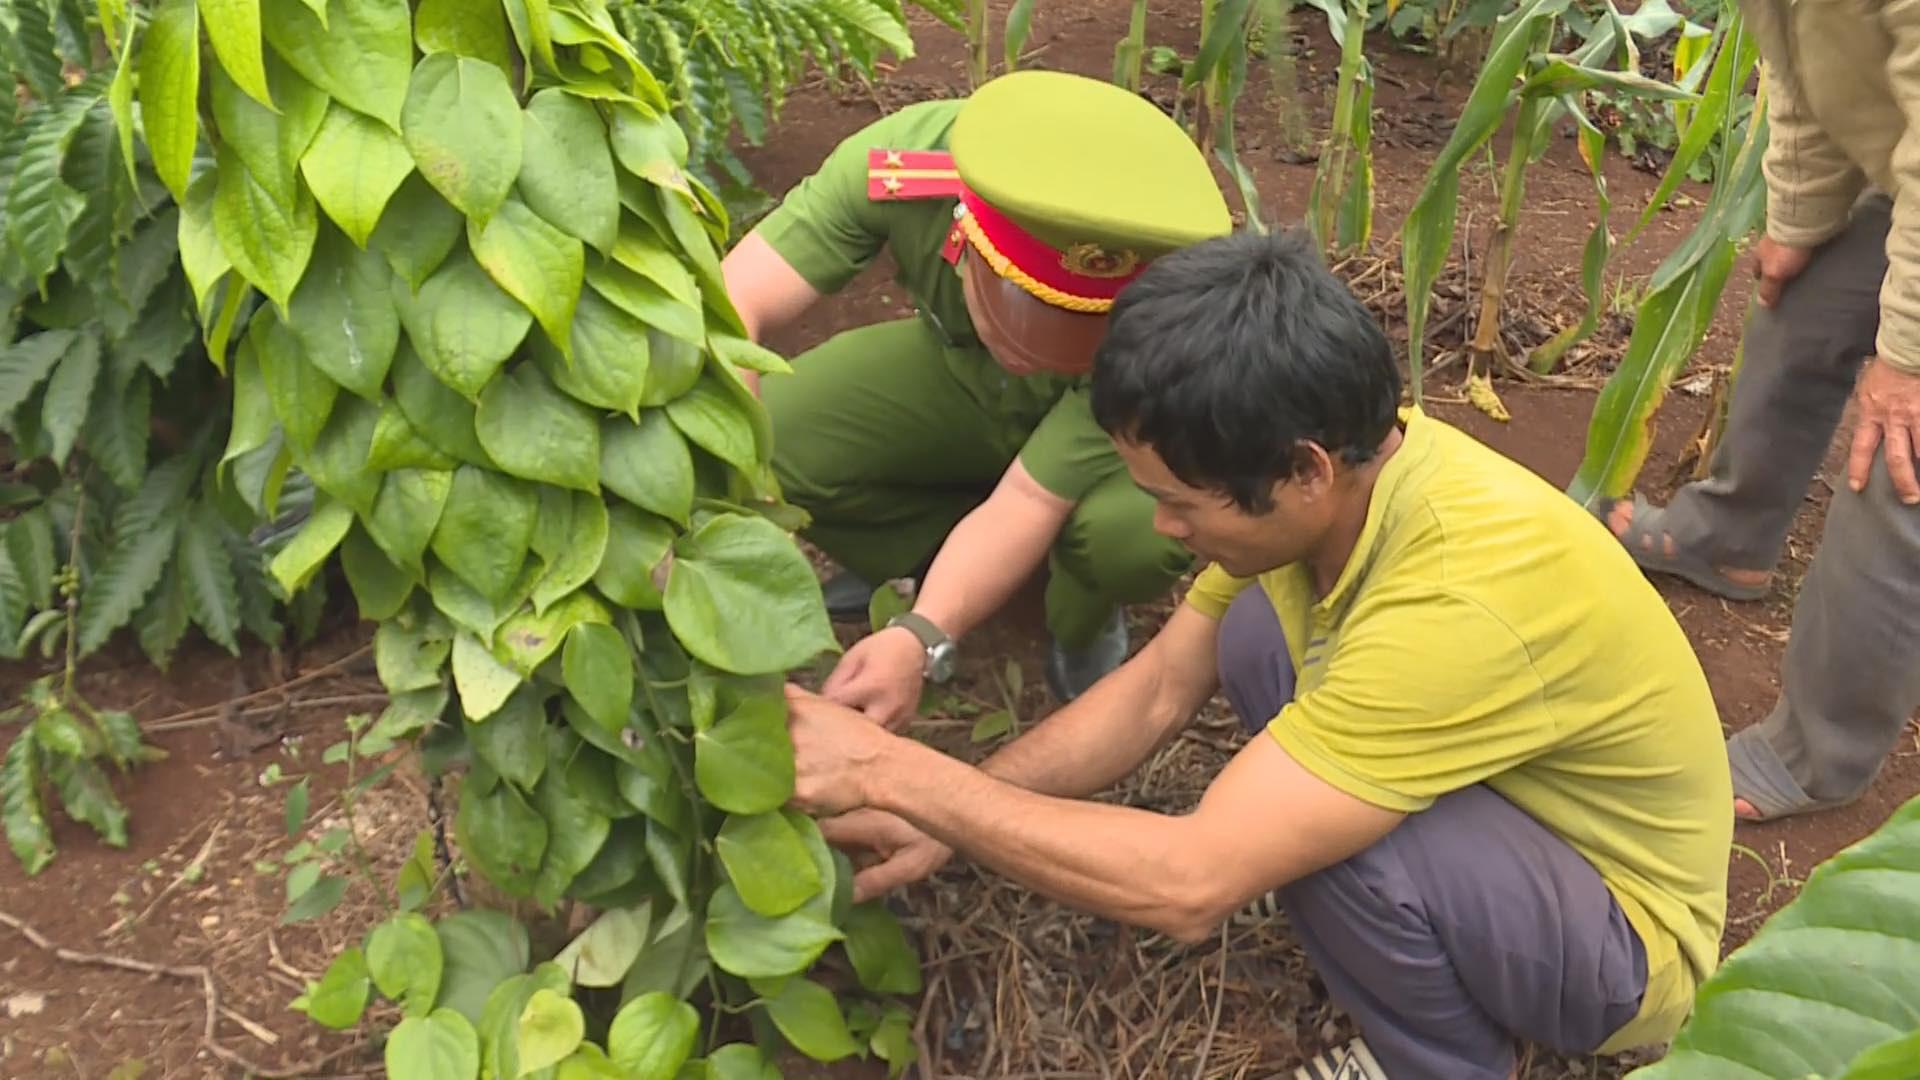 Đắk Lắk: Bắt đối tượng phá hoại cây trồng của người dân  - Ảnh 2.